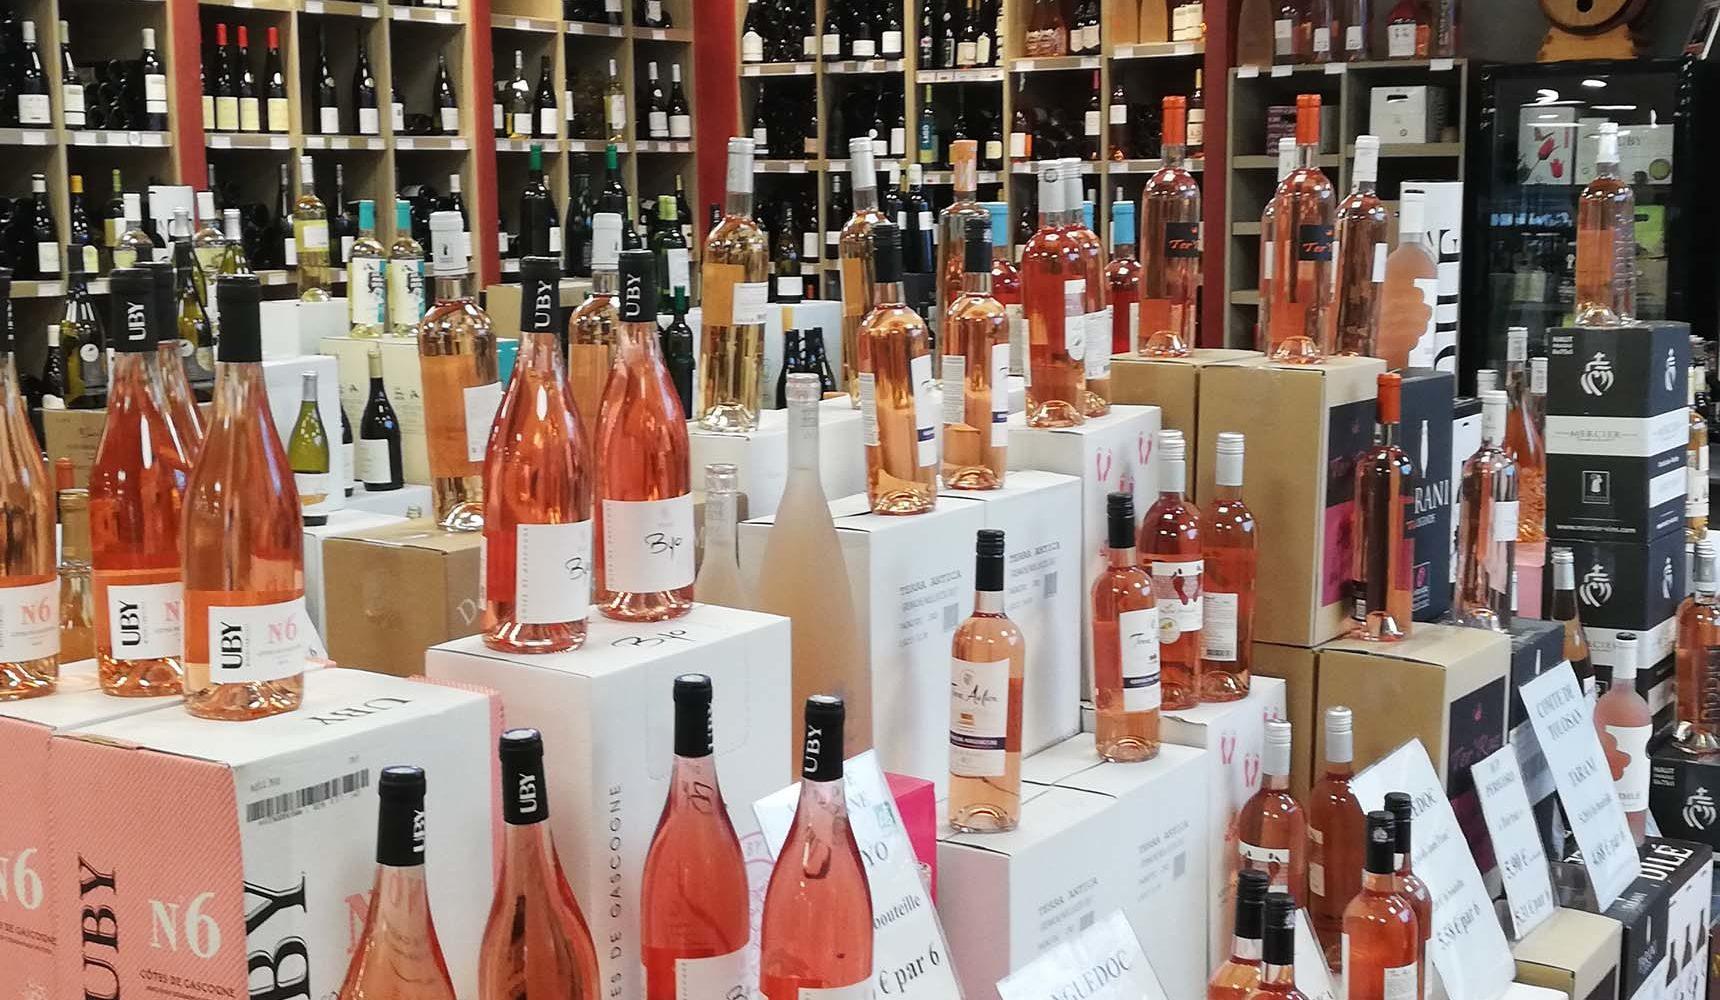 Vins-rosés-pour-particuliers-repas-dentreprise-et-associations-ViniGusto-Lorient-Morbihan